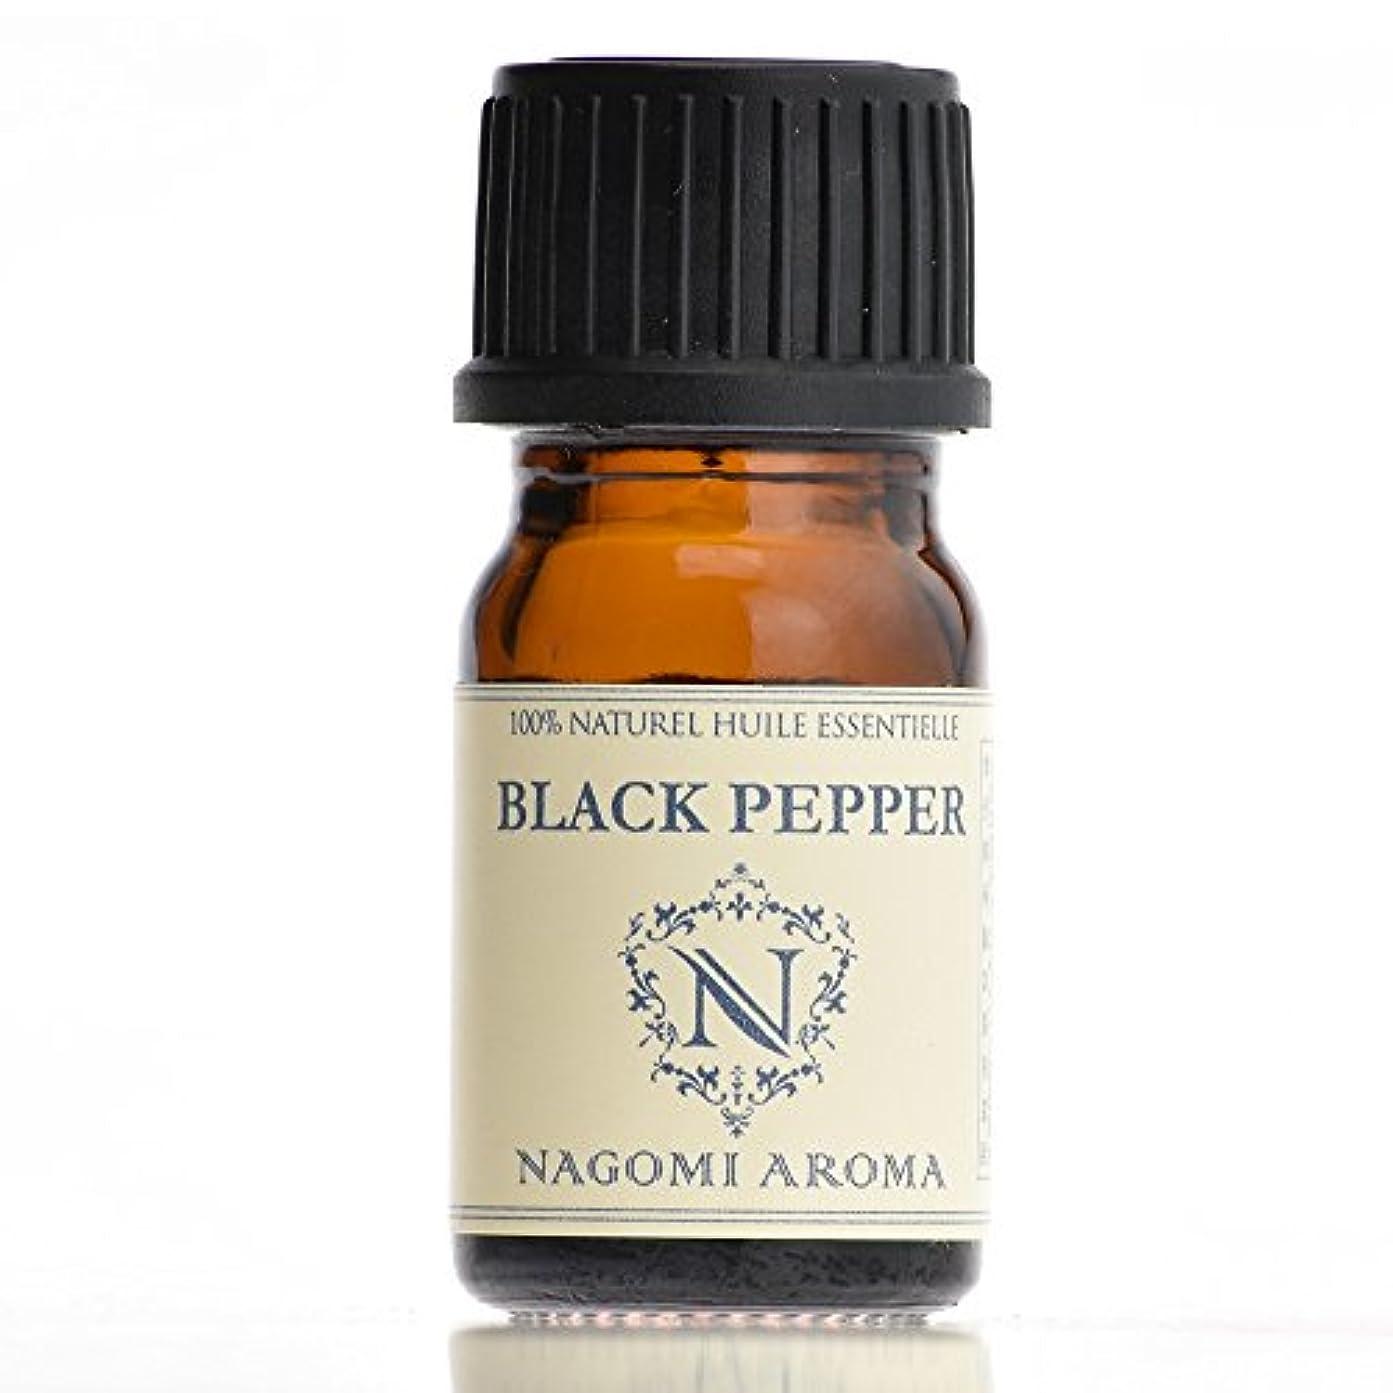 応用寄稿者いっぱい【AEAJ認定表示基準認定精油】NAGOMI PURE ブラックペッパー 5ml 【エッセンシャルオイル】【精油】【アロマオイル】|CONVOIL